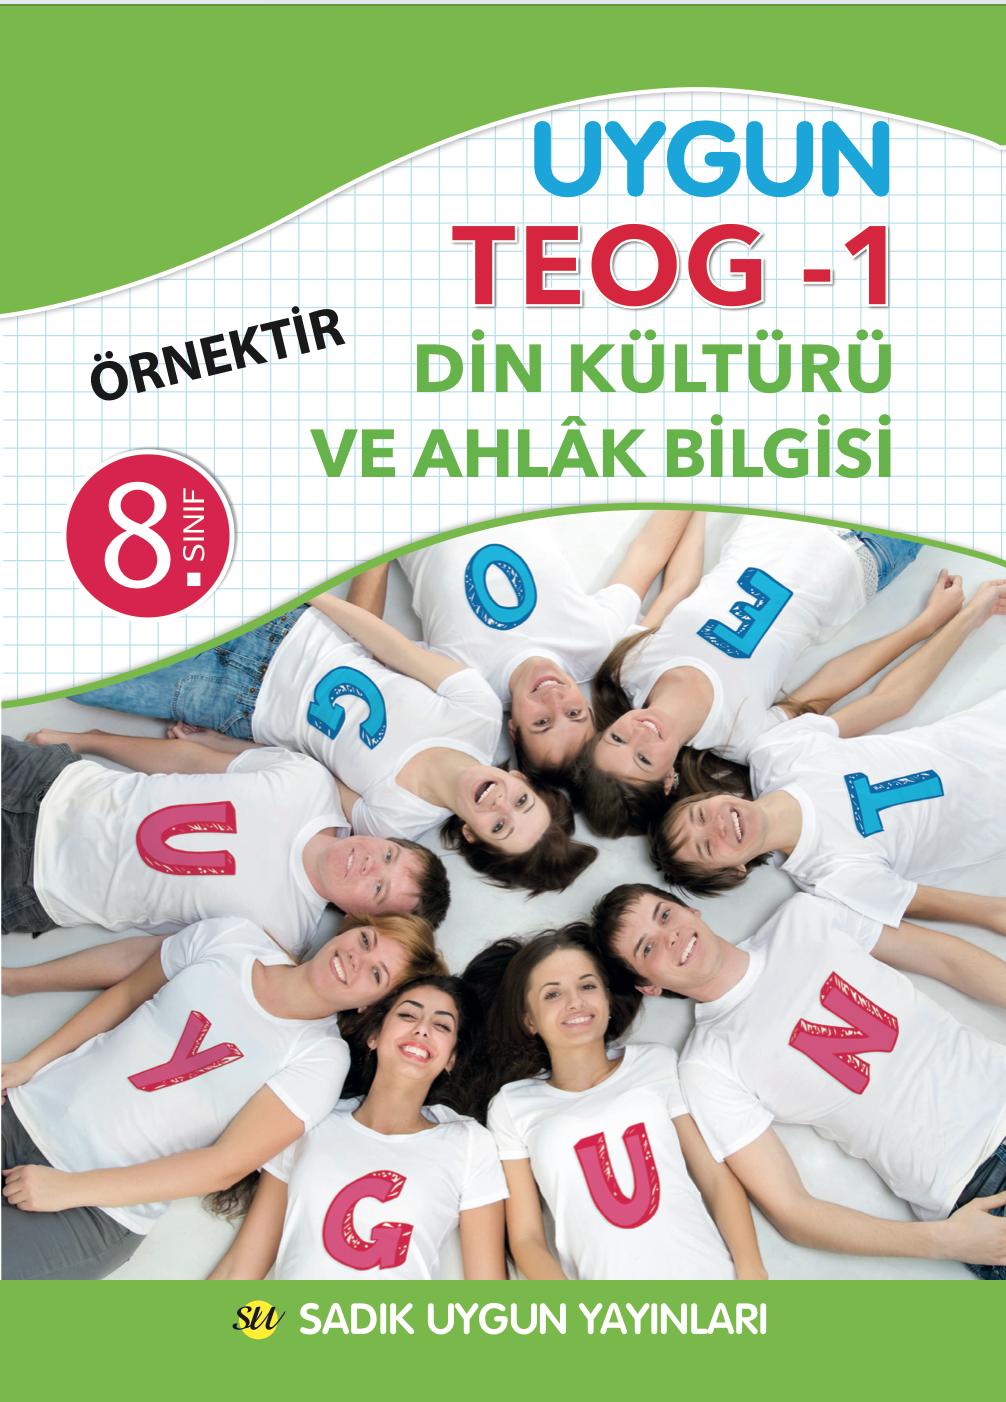 Uygun TEOG 1 – Din Kültürü ve Ahlak Bilgisi Kitabı 8. Sınıf